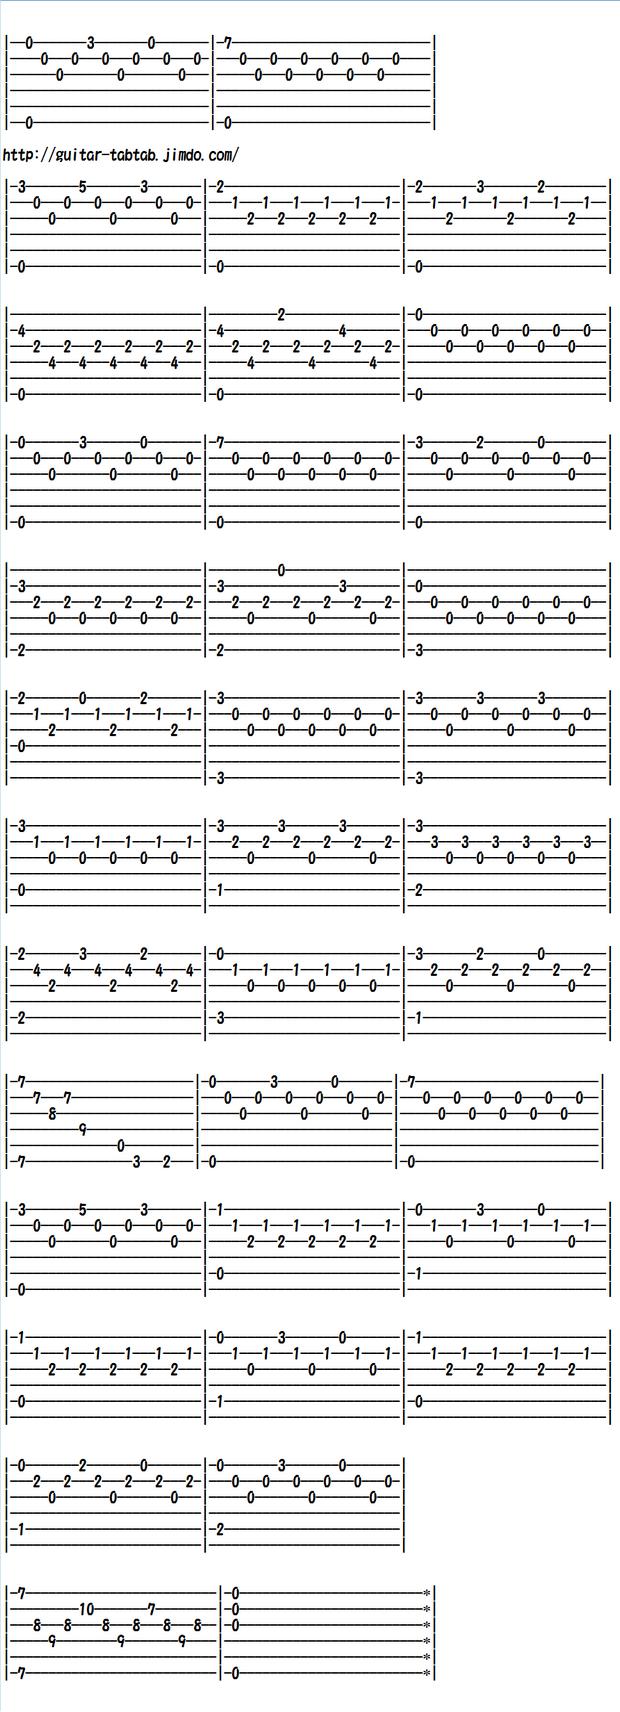 クラシックギター初心者向け練習曲 カルカッシの練習曲OP.60 No.19 Em